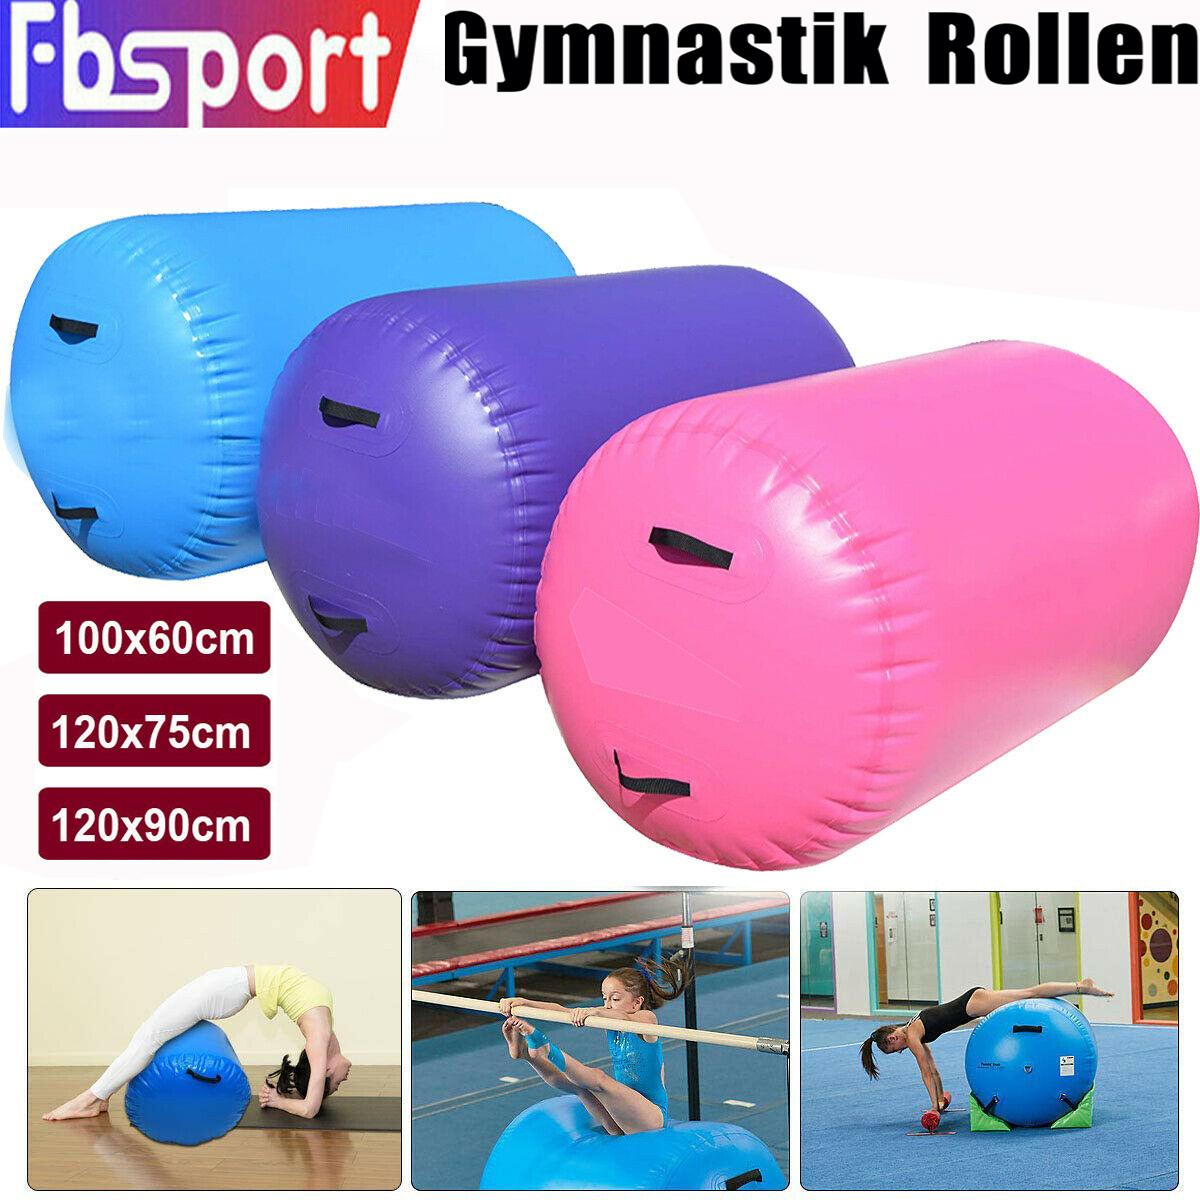 1M Air Track Air Block Gymnastik Zylinder Luft Training Rollen Hilfsrolle Gym